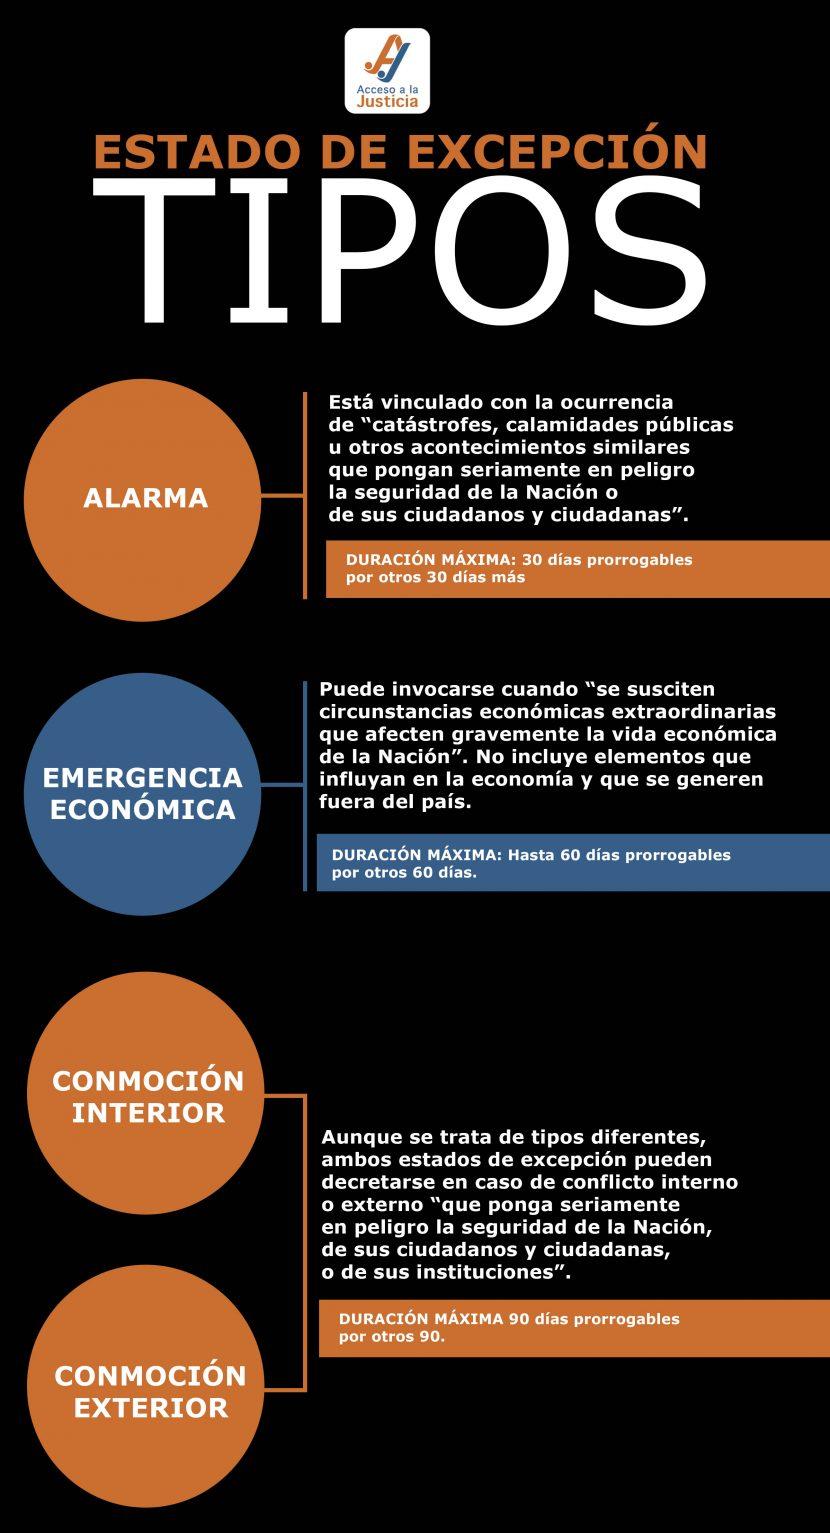 ESTADO DE EXCEPCIÓN